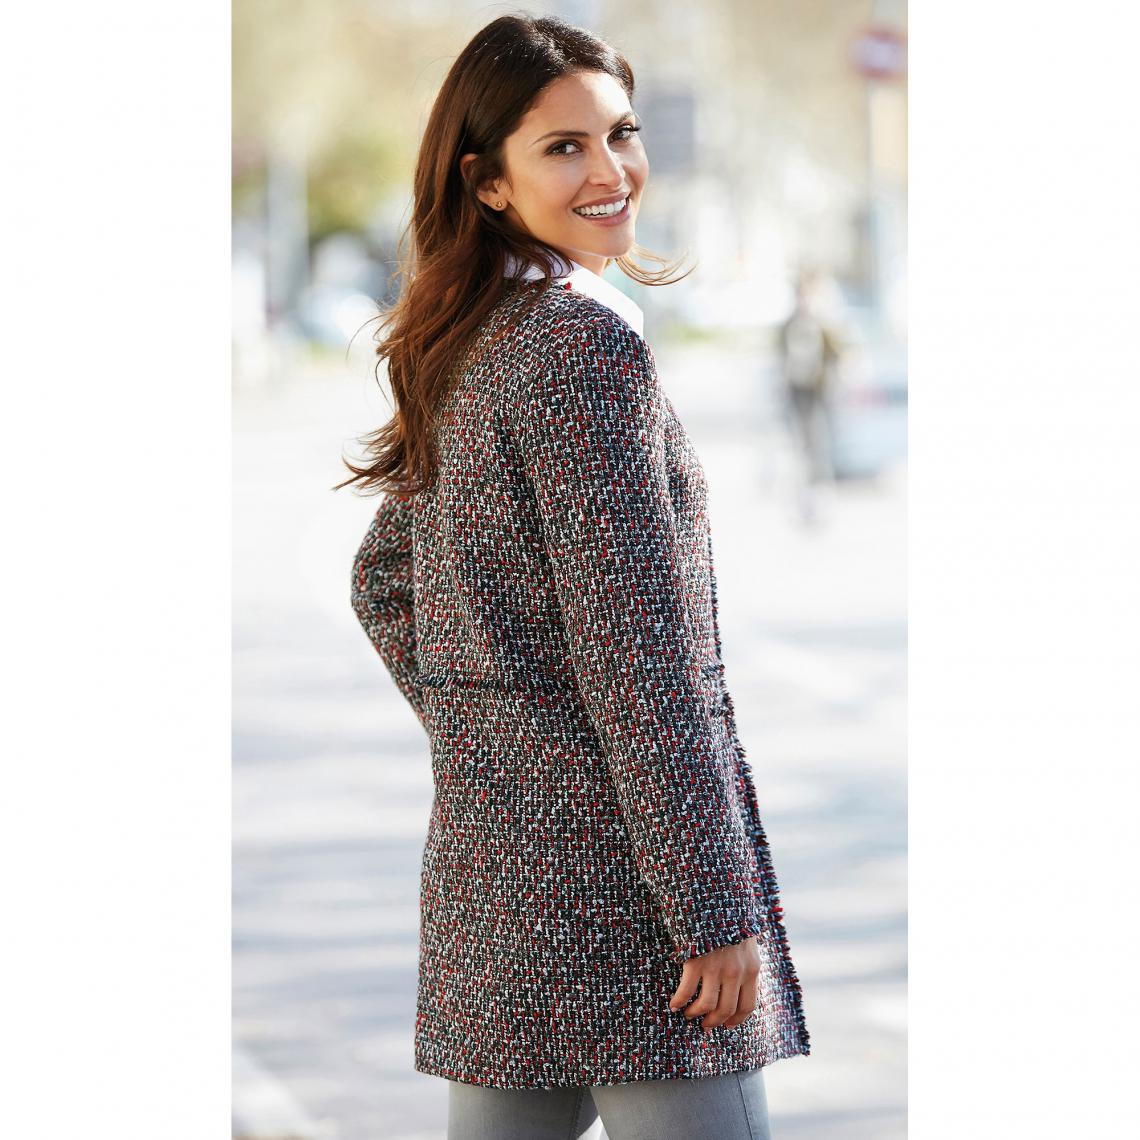 Manteaux femme 3 SUISSES Cliquez l image pour l agrandir. Manteau doublé  fermé par pressions aspect effiloché femme Exclusivité 3SUISSES - Rouge  Grenat ... 3a13af1c4b4